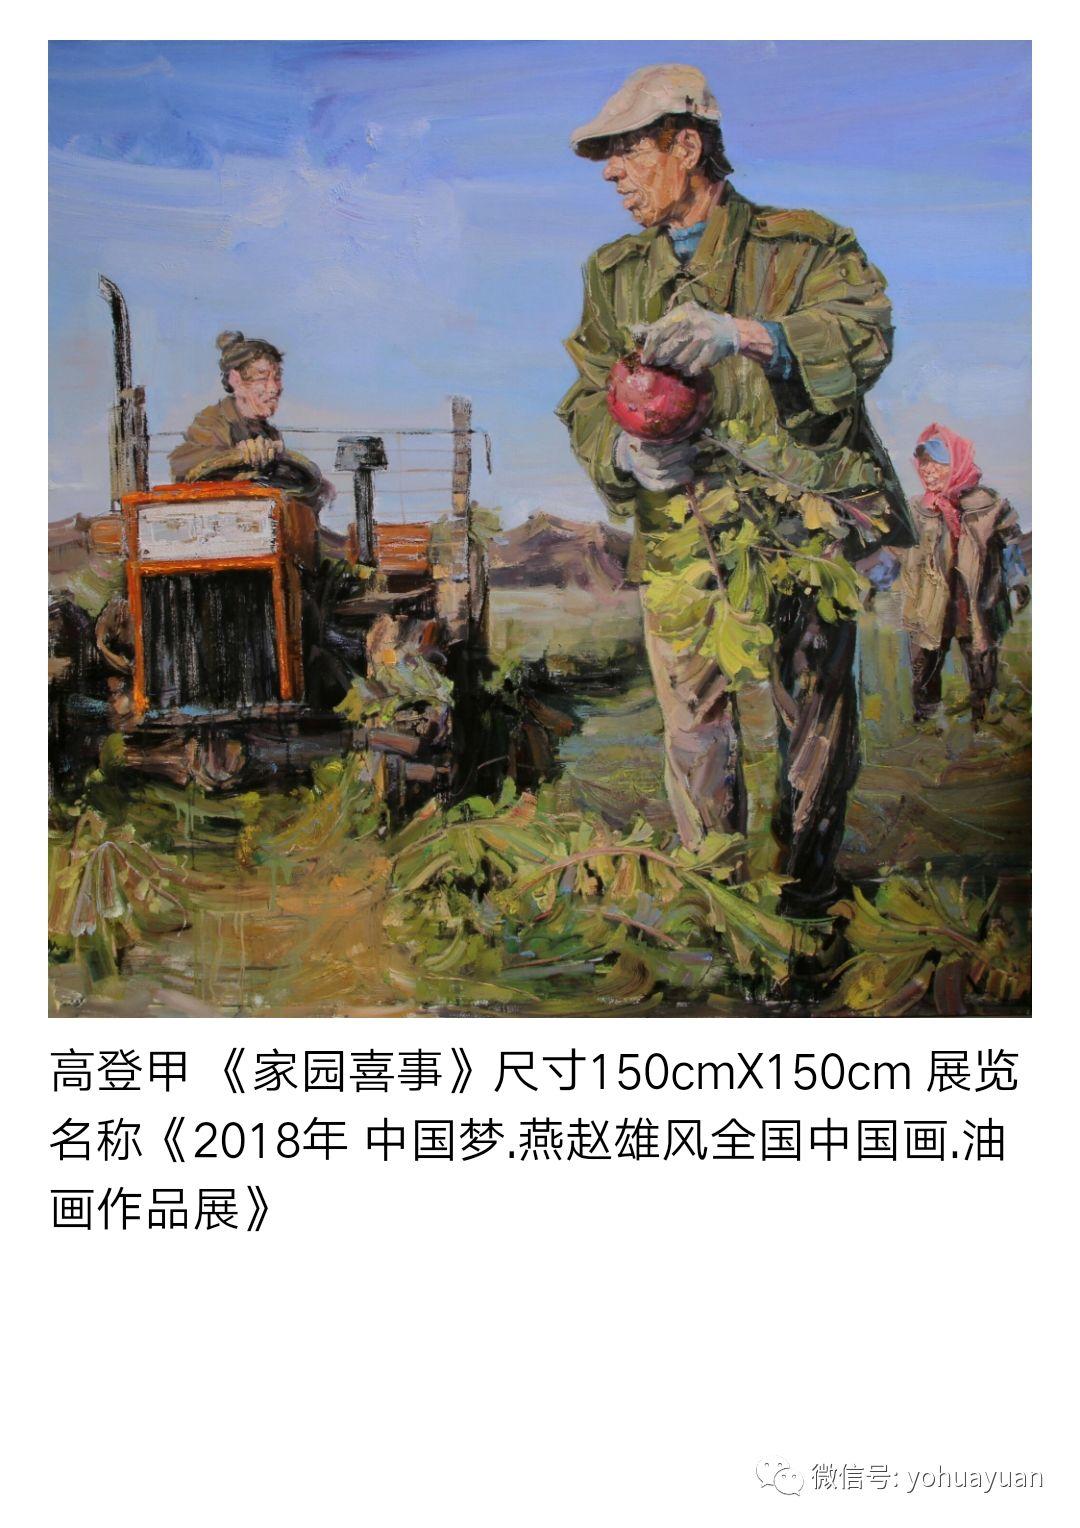 油画作品拍卖(内蒙古草原写生) 第89张 油画作品拍卖(内蒙古草原写生) 蒙古画廊